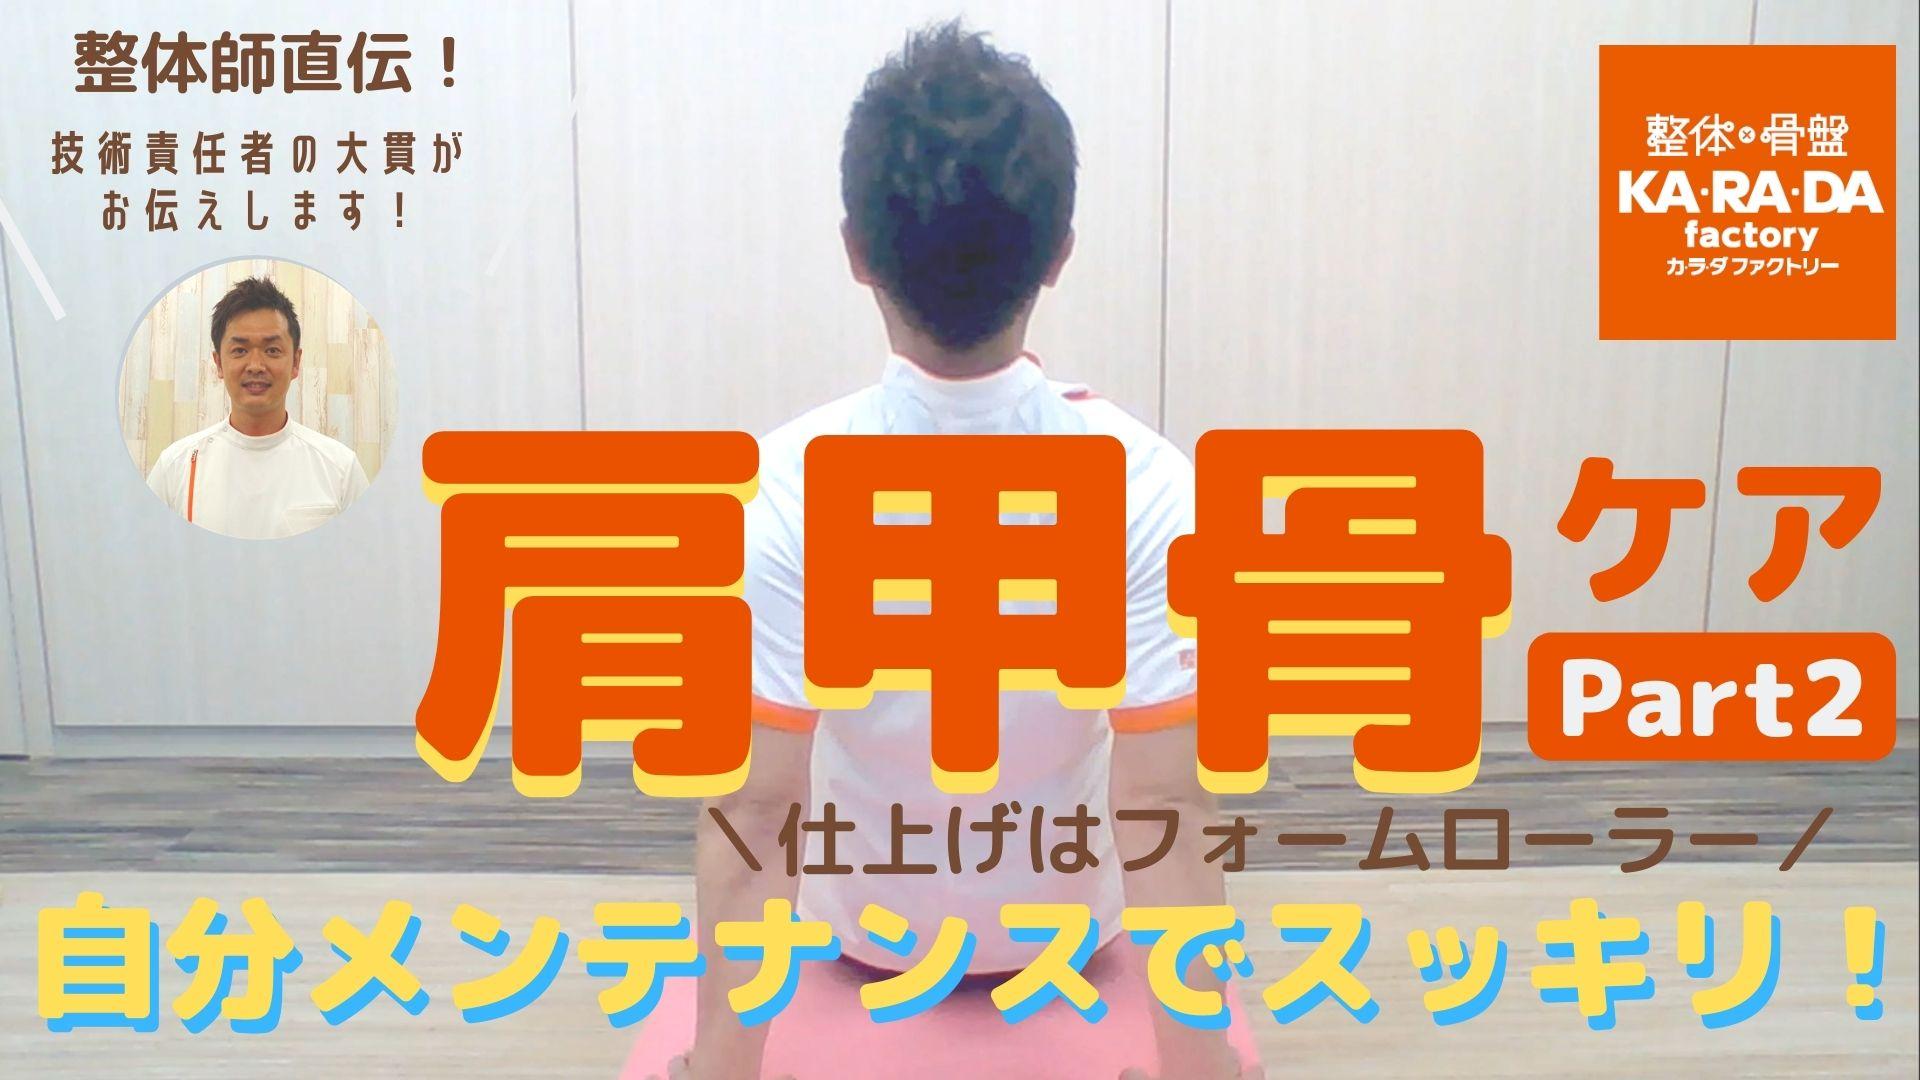 【整体師直伝!】肩甲骨ケアPart2 仕上げはフォームローラー!自分メンテナンスでスッキリ!